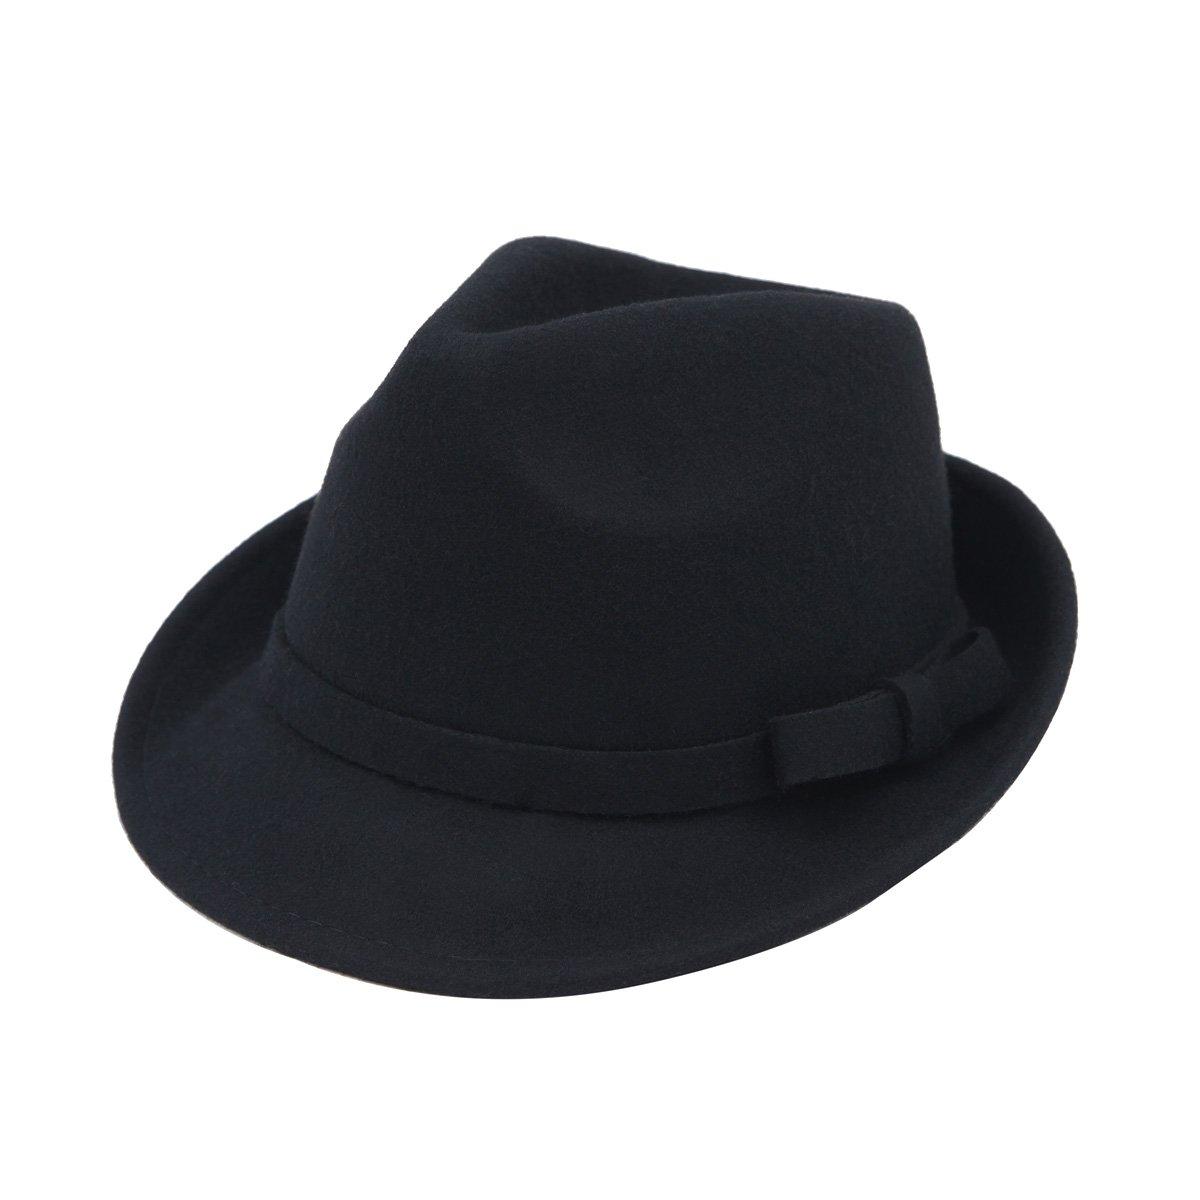 Women's Deluxe 100% Wool Solid Color Fedora Hat, Black